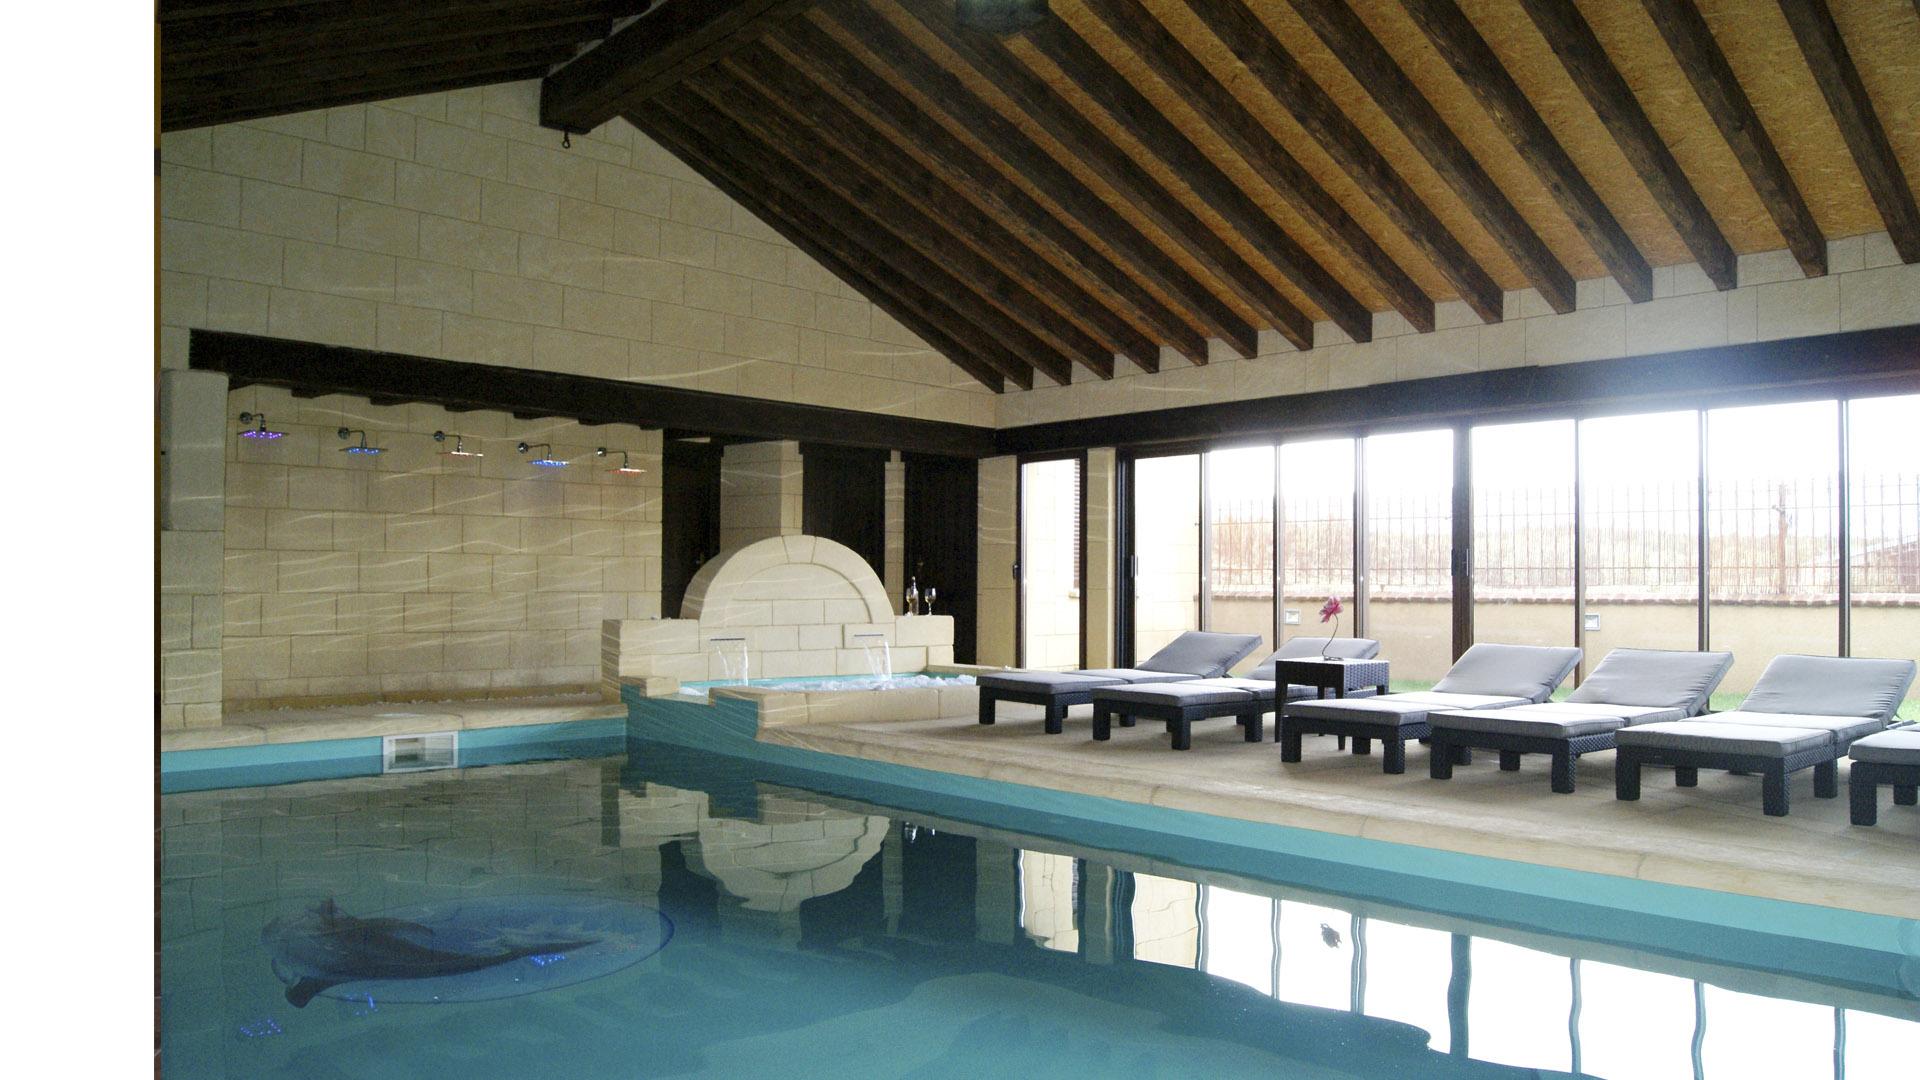 Casas con piscina interior cubiertas de piscina casa con for Casa rural piscina climatizada interior